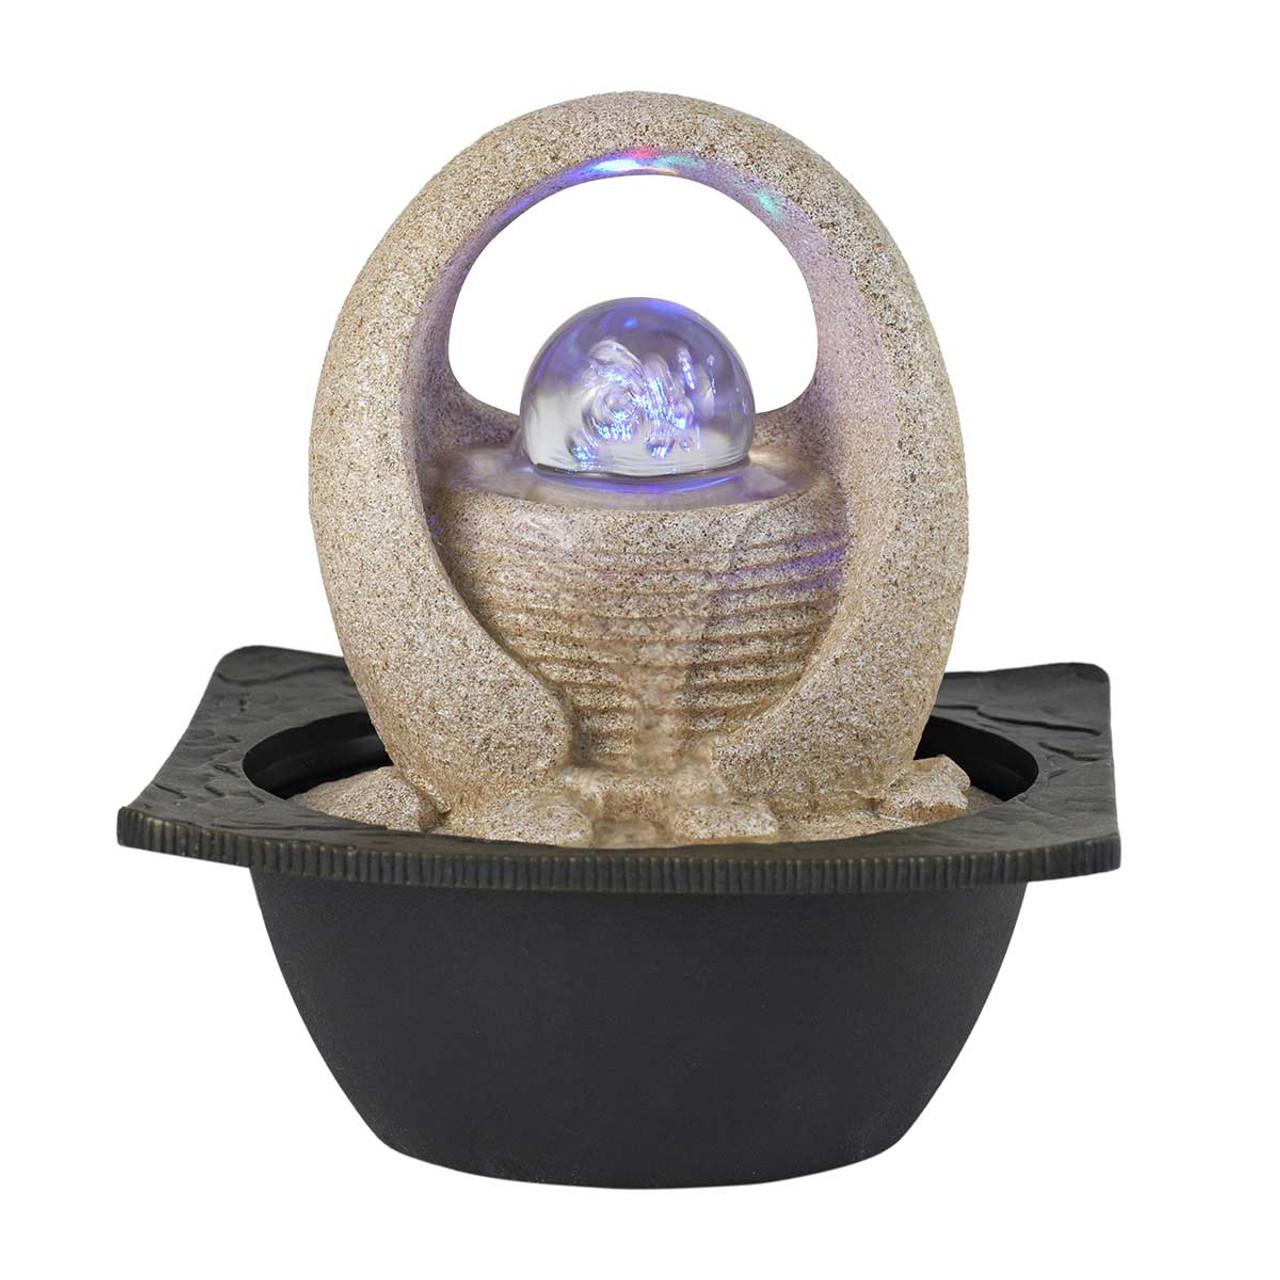 Zen Sensory Fountain